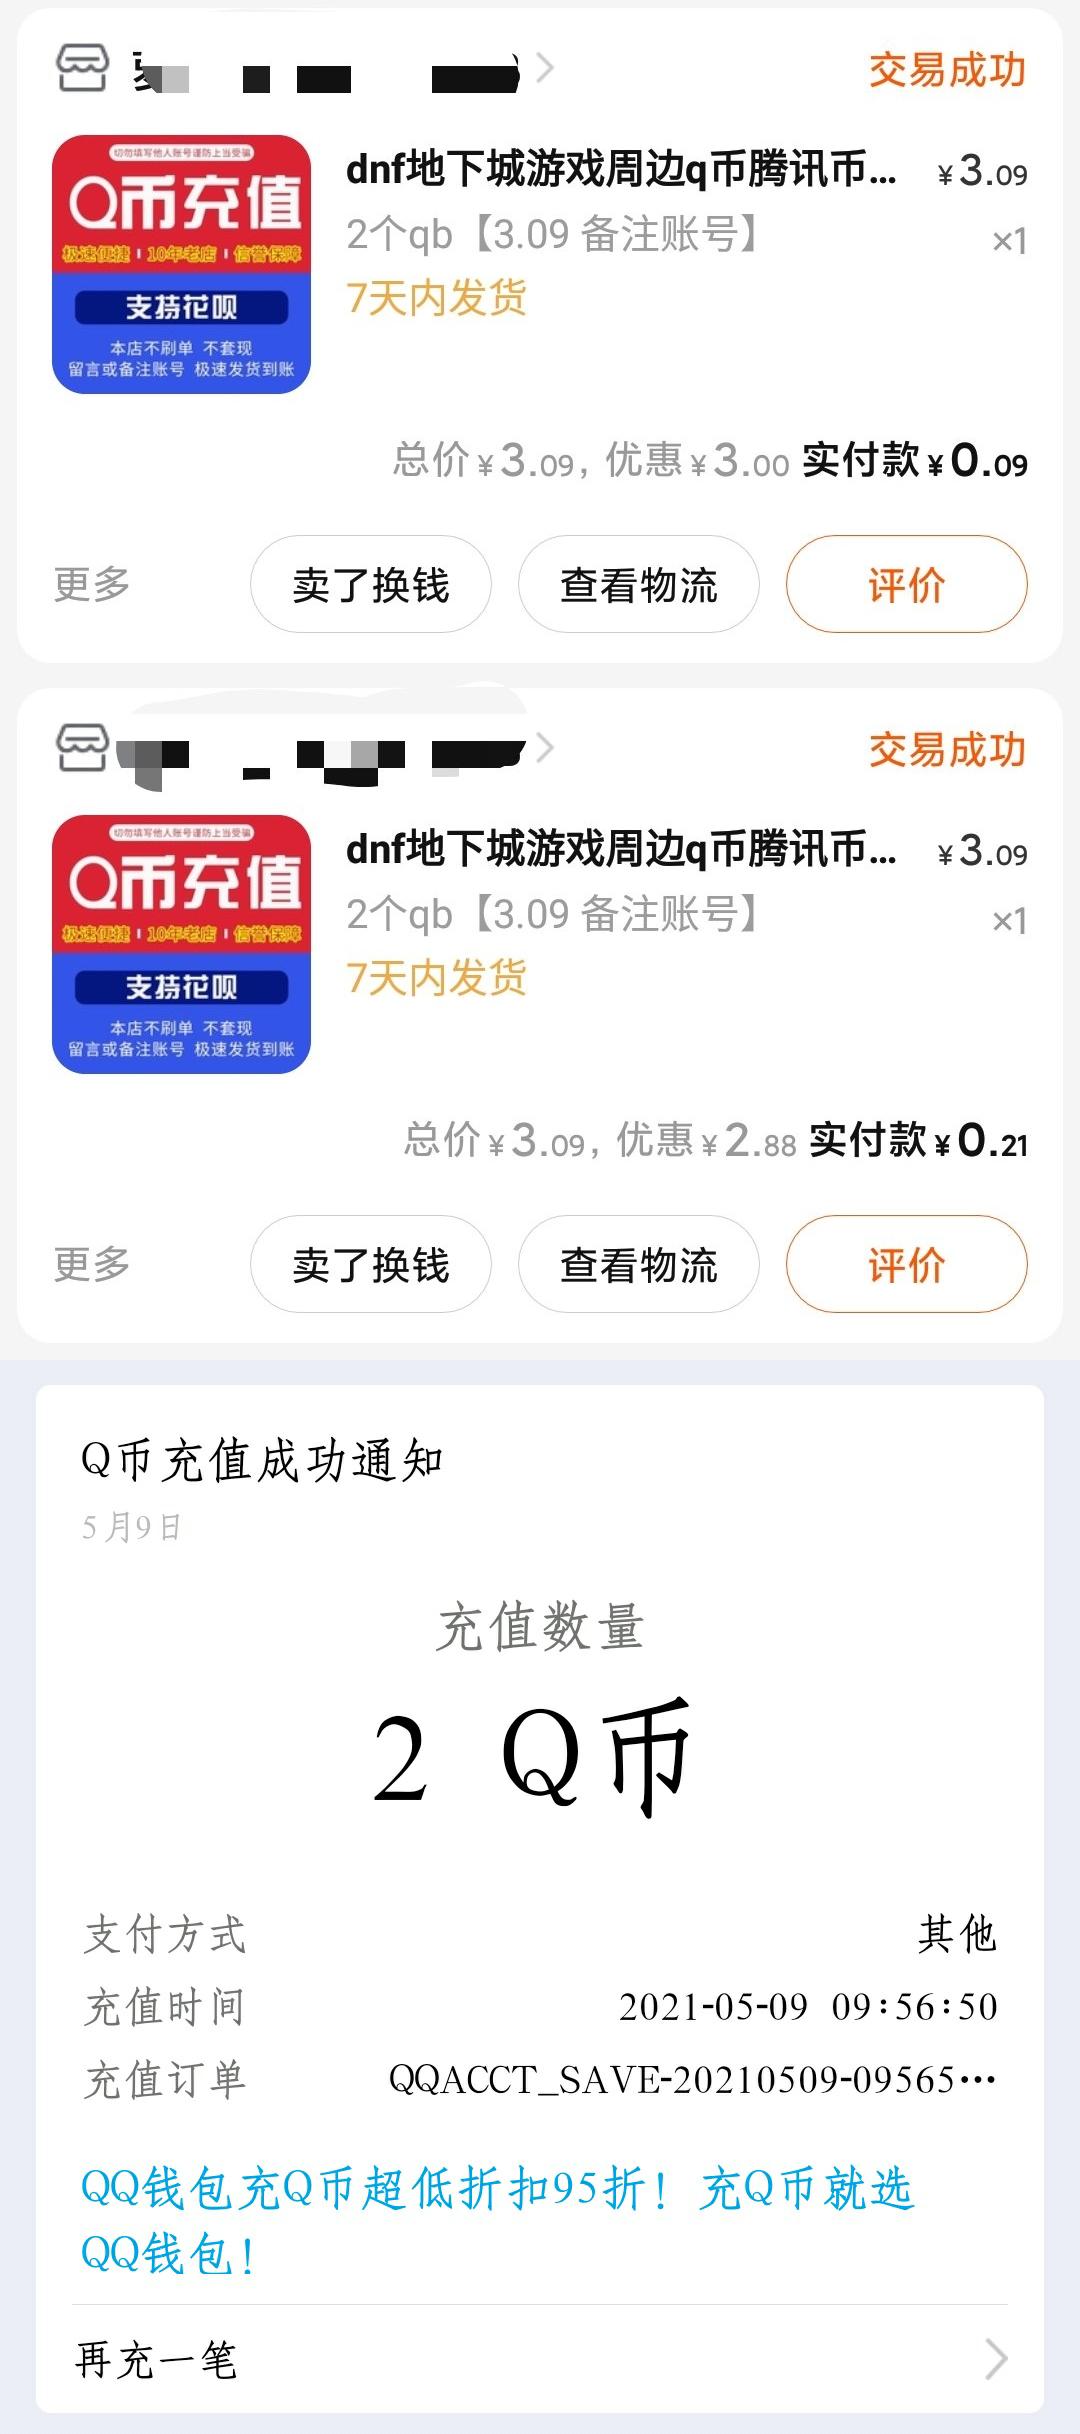 淘宝app:免费撸Q币教程,长期可做!  淘宝app 免费撸Q币教程 免费赚钱 第3张